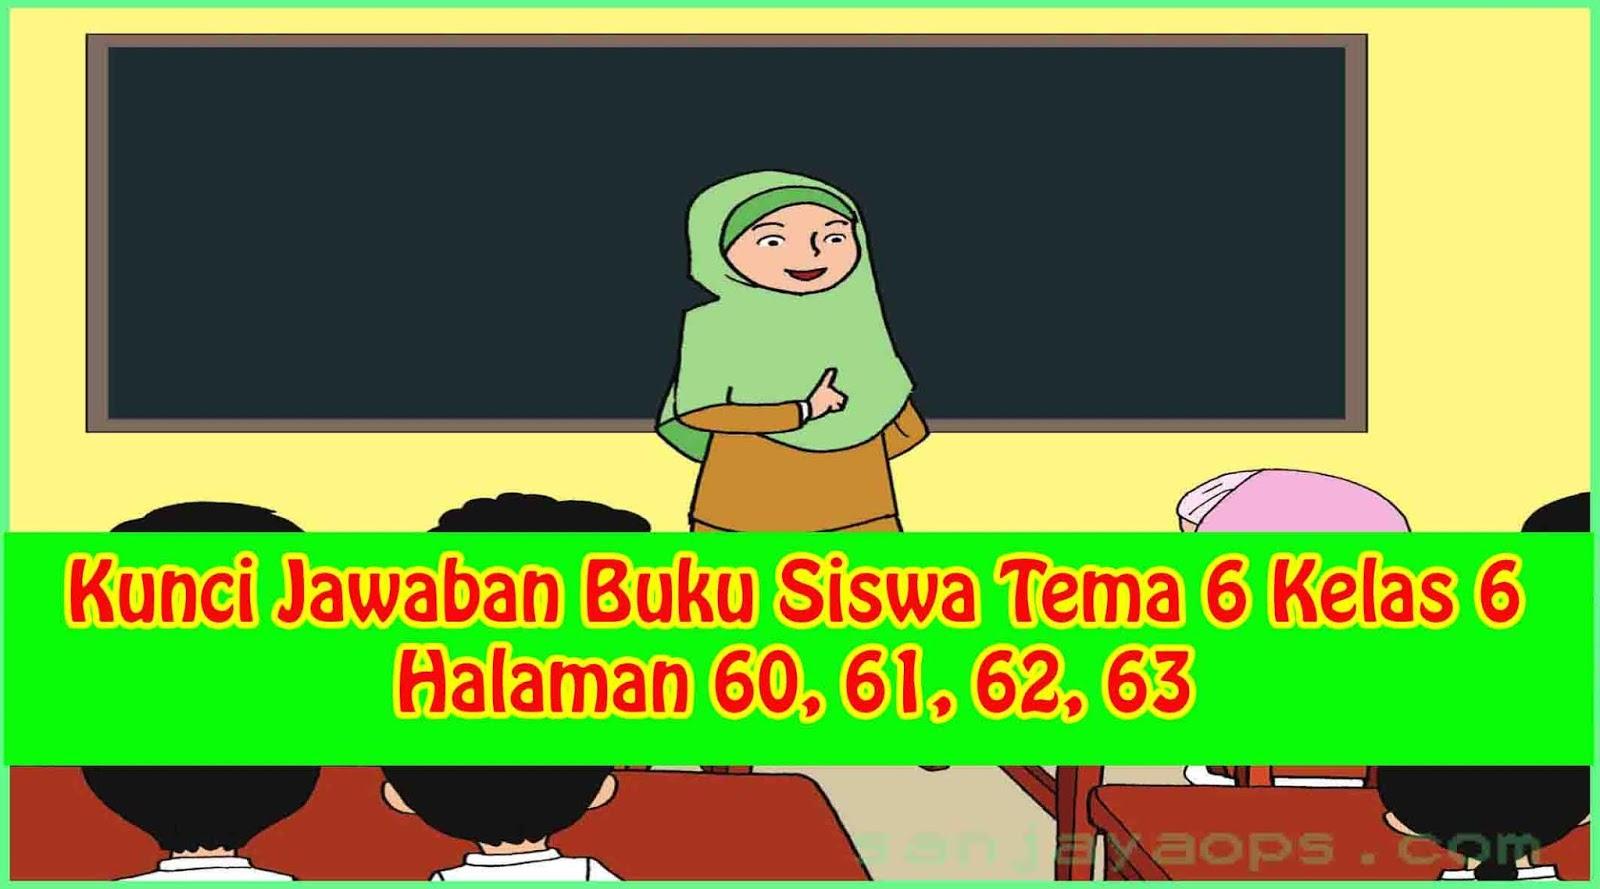 Kunci Jawaban Buku Siswa Tema 6 Kelas 6 Halaman 60 61 62 63